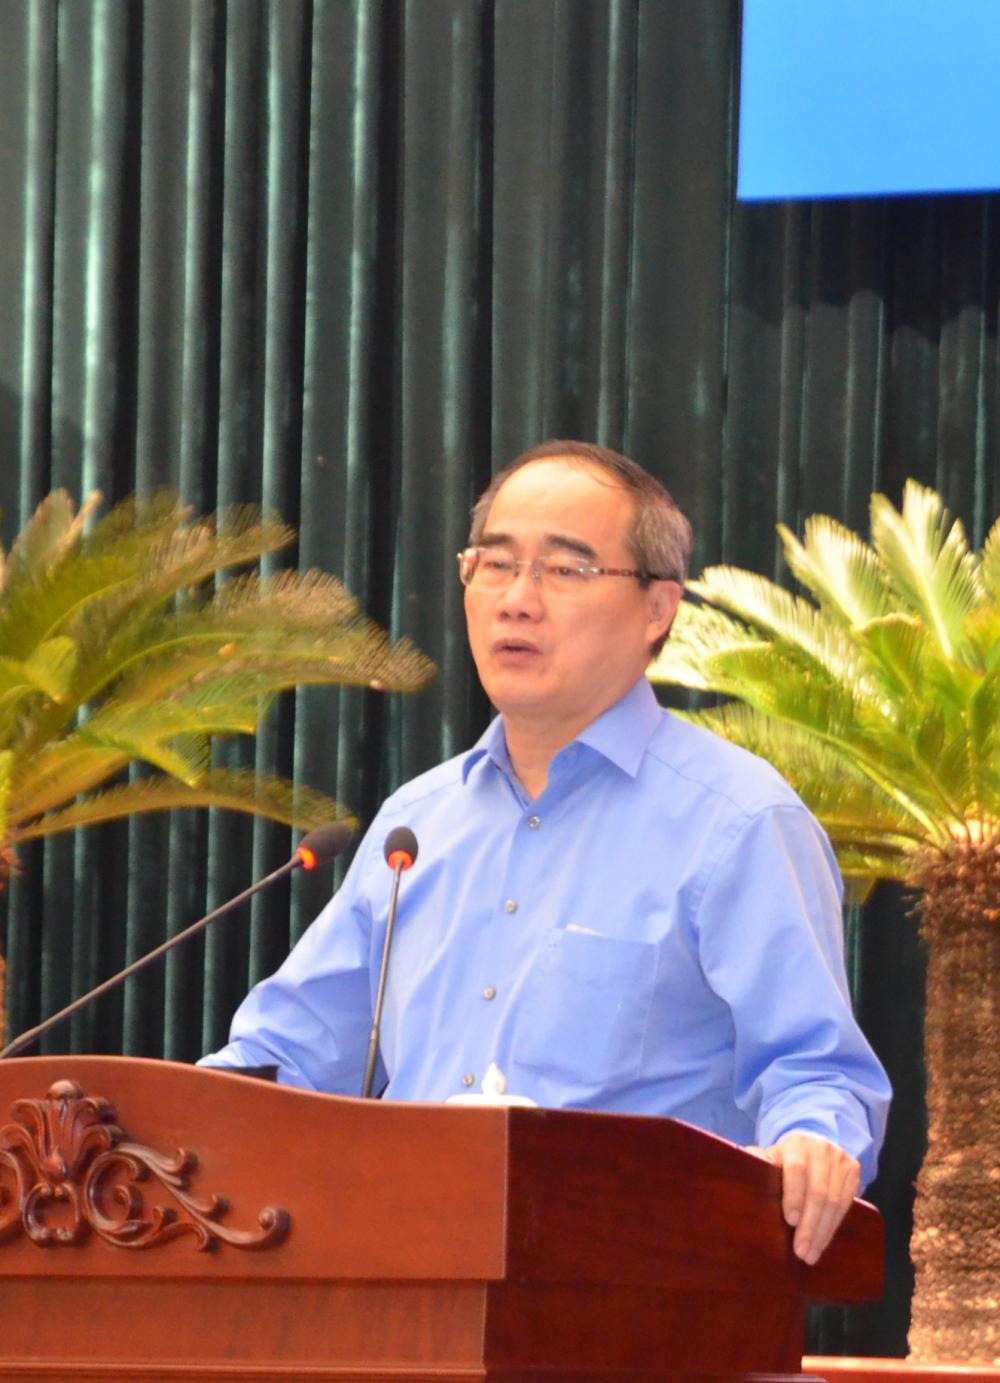 Ông Nguyễn Thiện Nhân báo cáo chuyên đề về triển vọng khu đô thị sáng tạo tương tác cao TP. Thủ Đức.